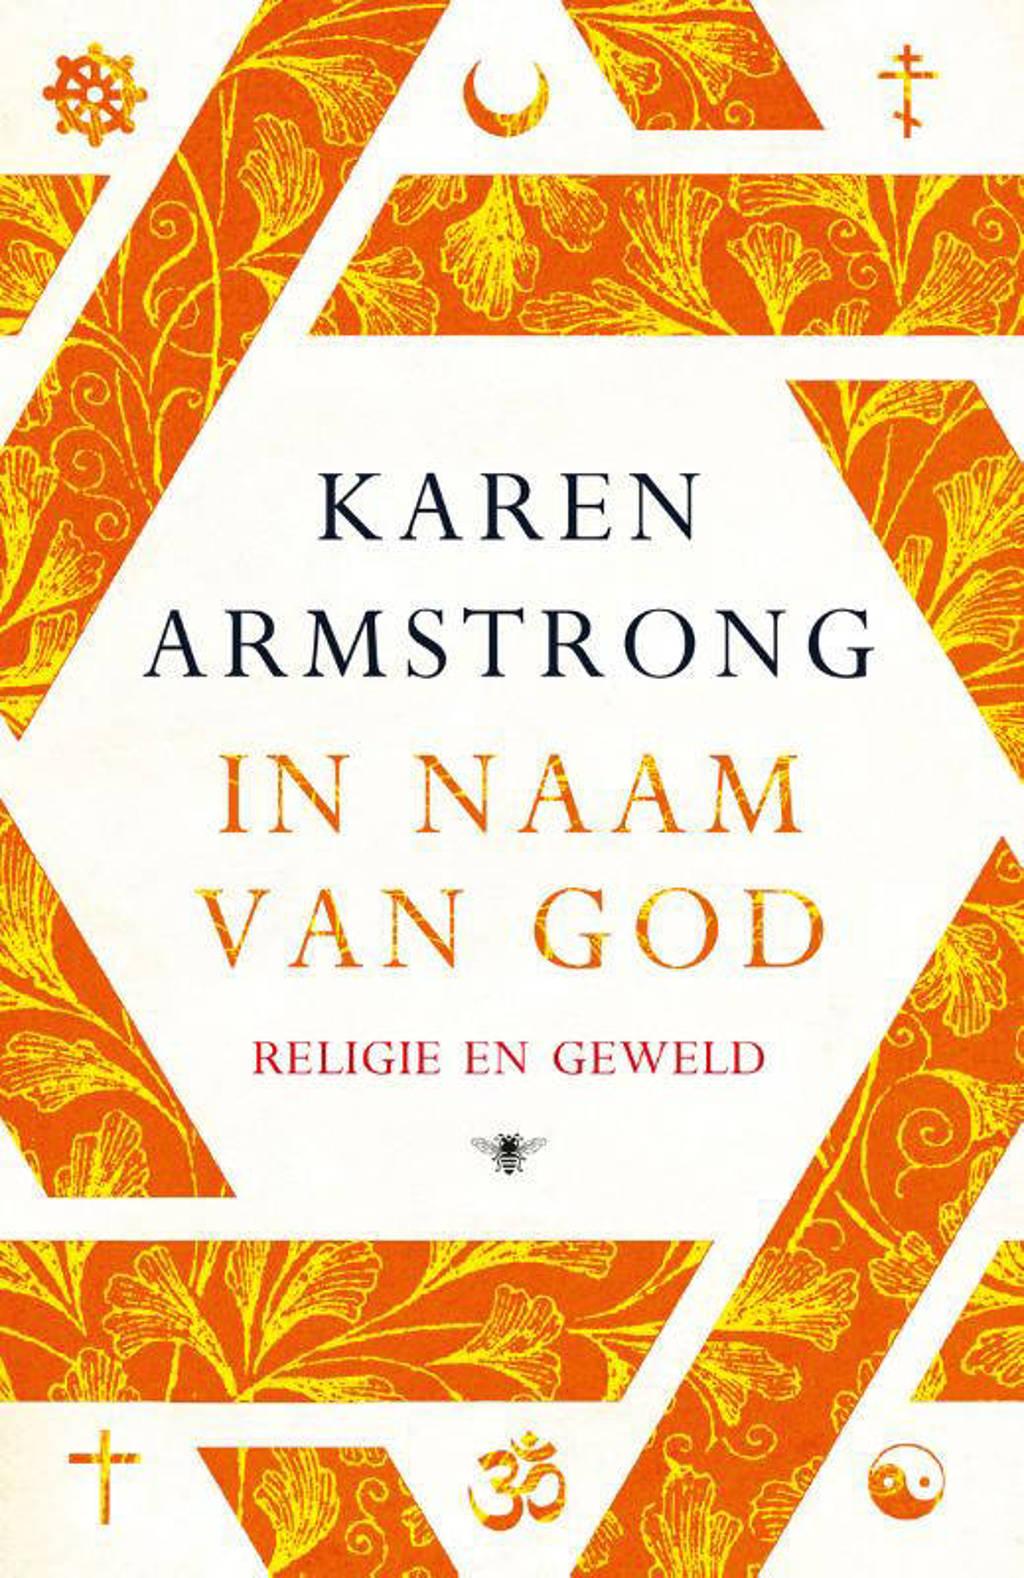 In naam van God - Karen Armstrong